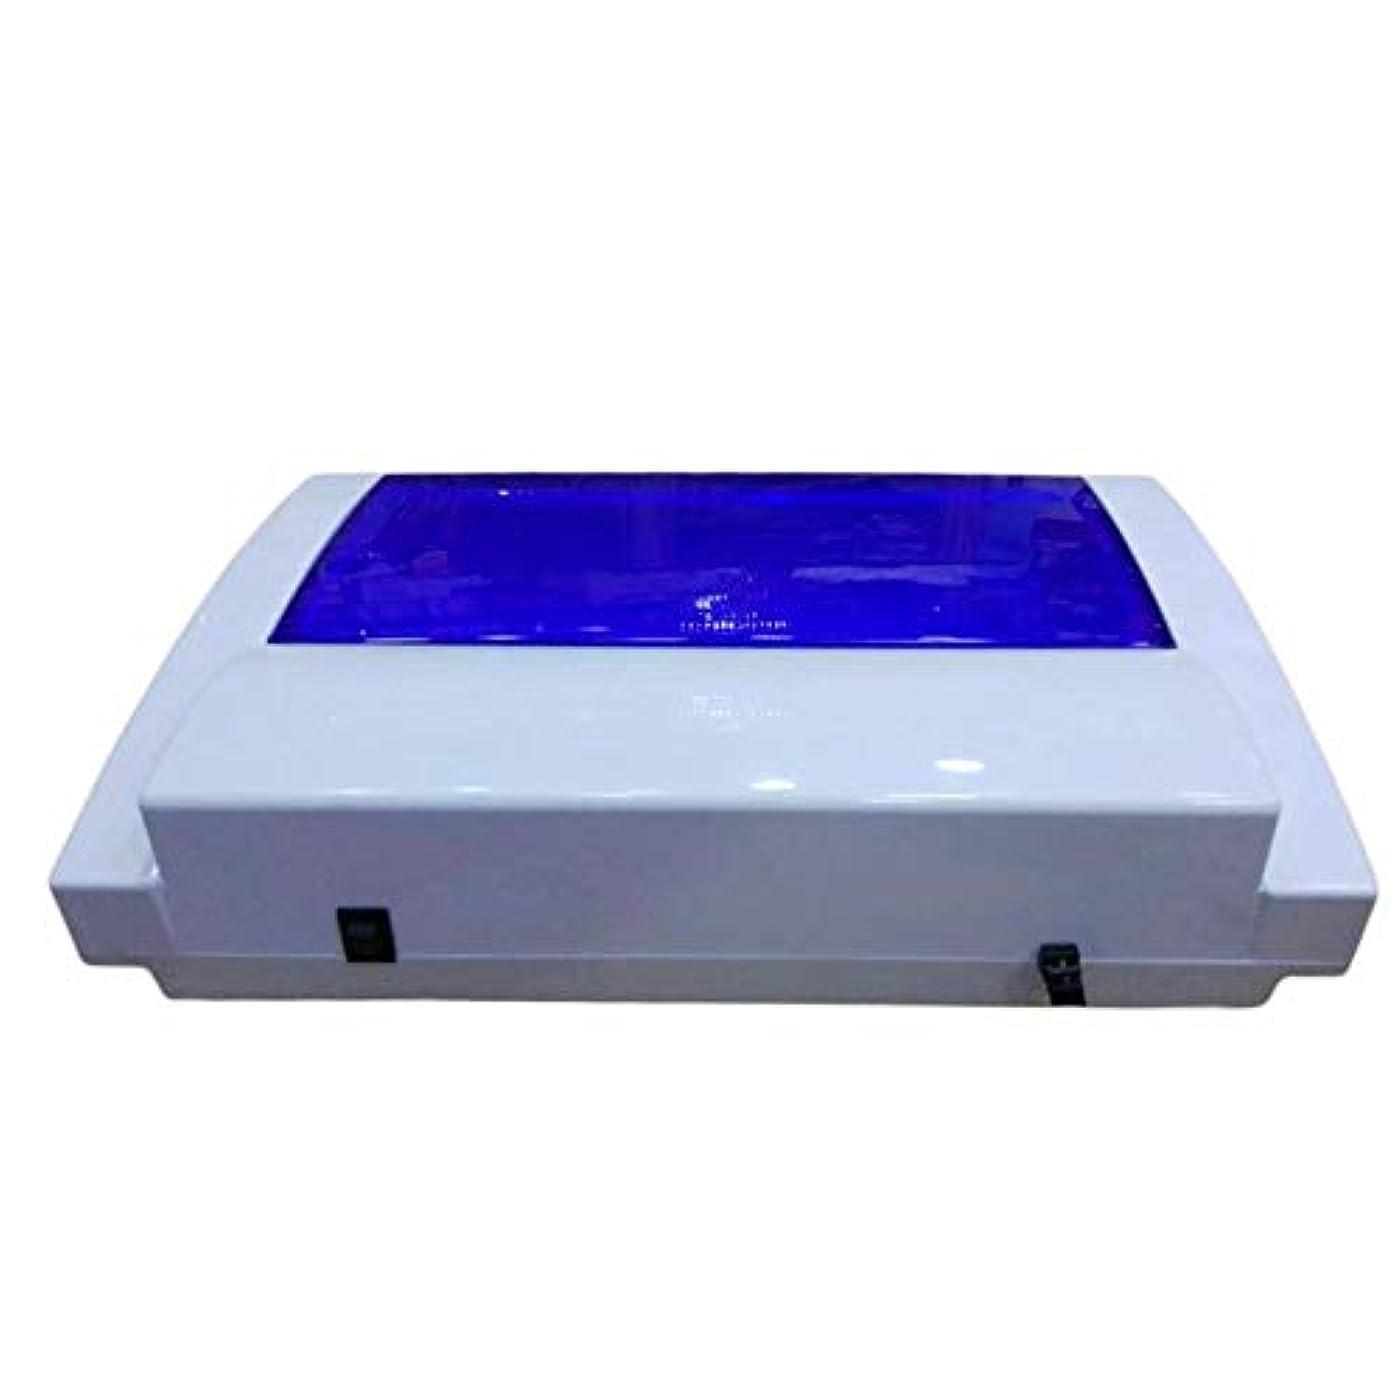 配分咲く動機ネイル殺菌装置UV消毒キャビネット高温ドライヤーネイルマニキュアサロンツール治療消毒機